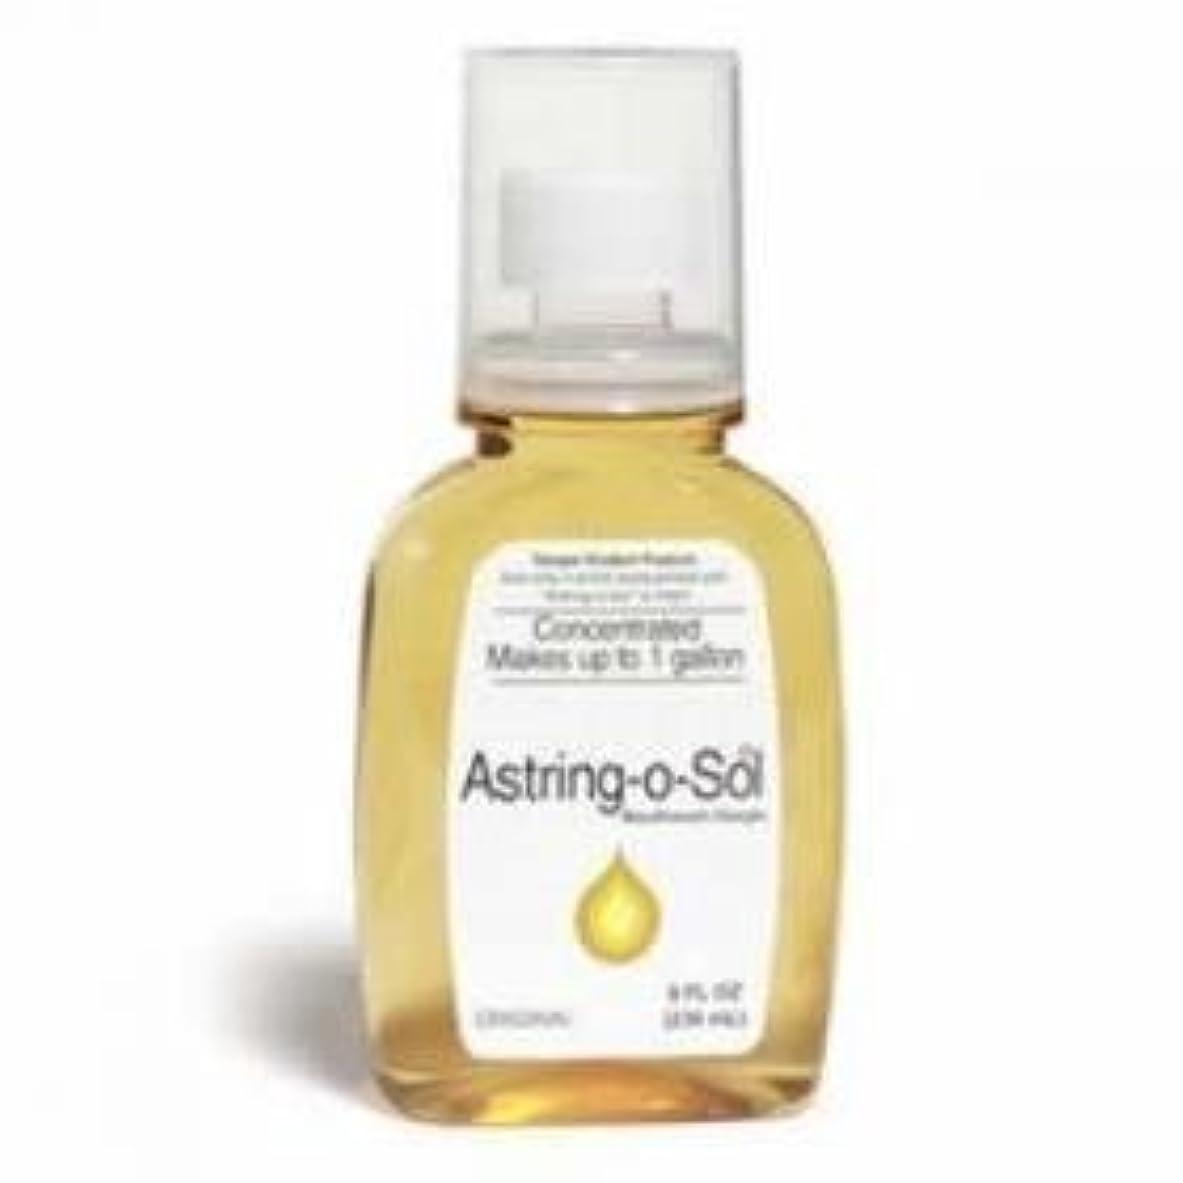 衝突コースもっと少なく崖Astring-O-Sol Concentrated Mouthwash/Gargle, Original - 8 oz Each (PACK OF 3) by ASTRING-O-SOL [並行輸入品]